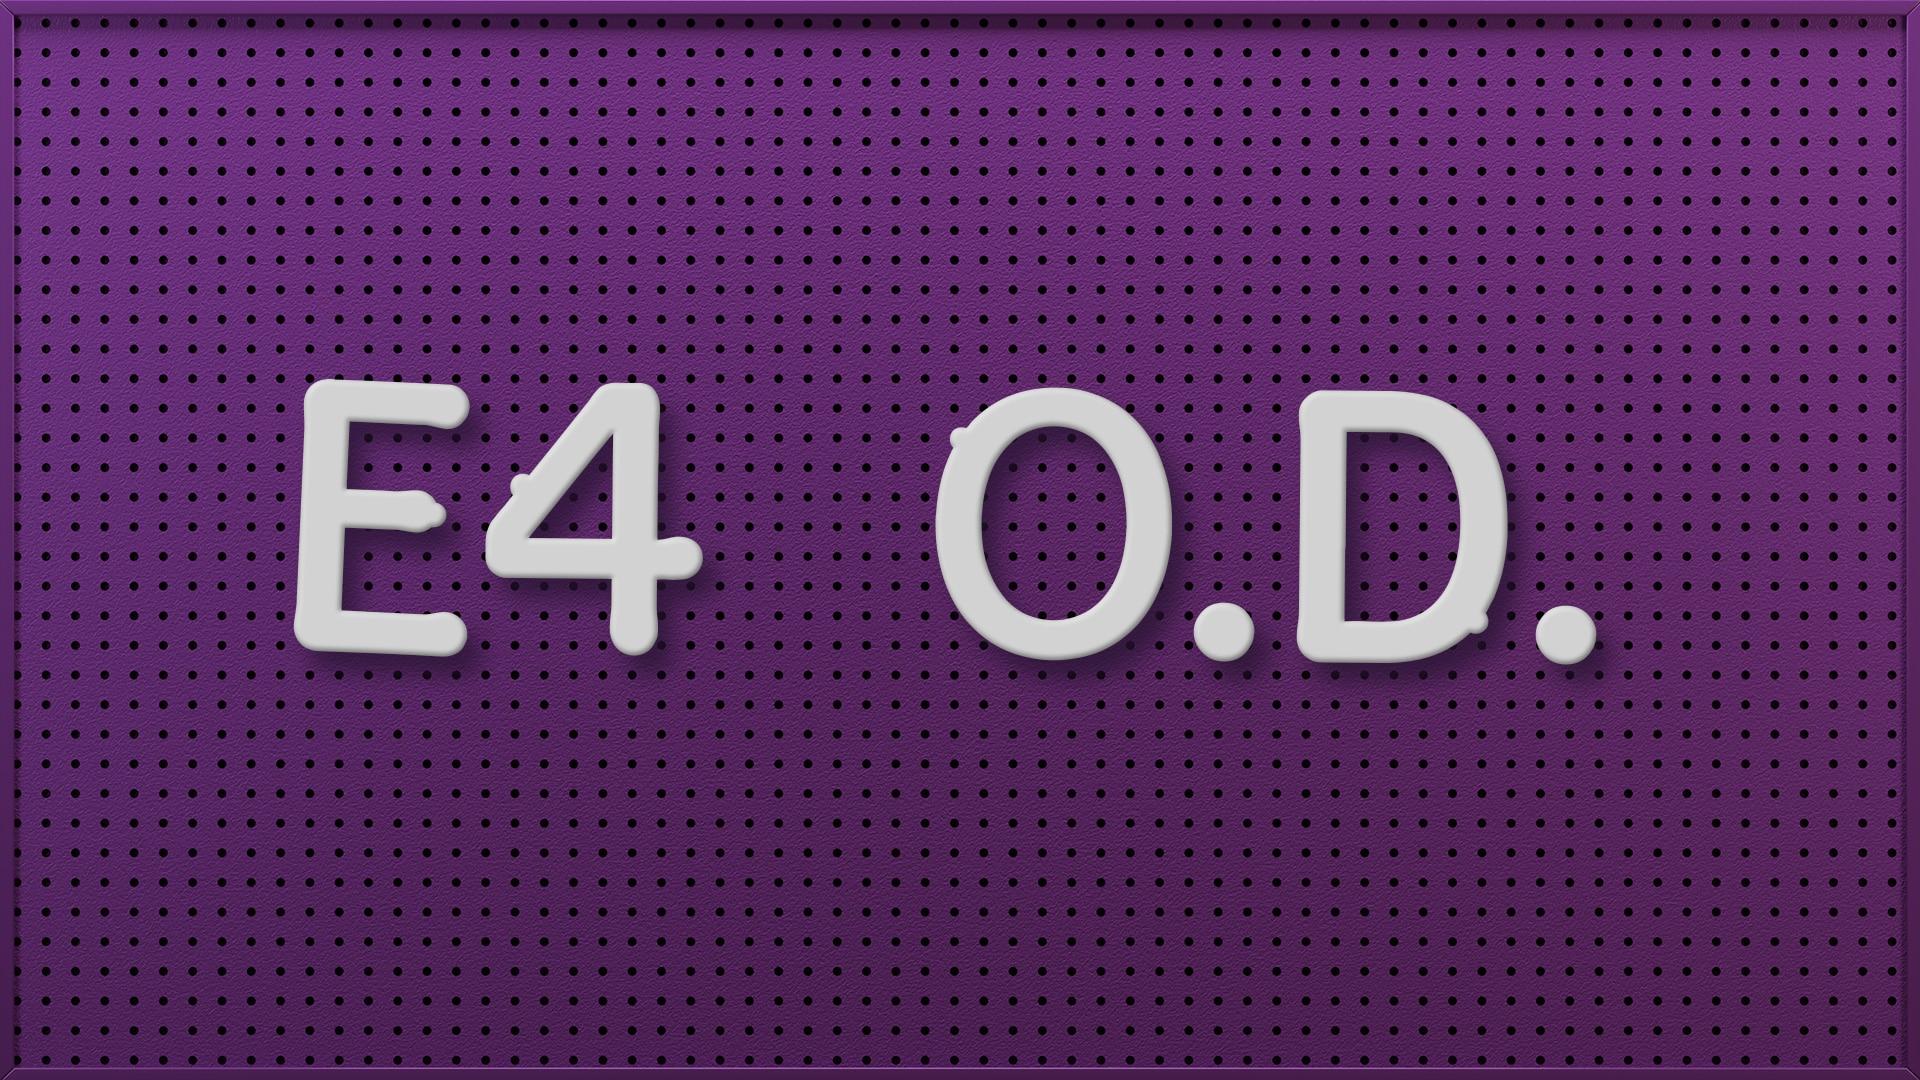 E4 O.D.